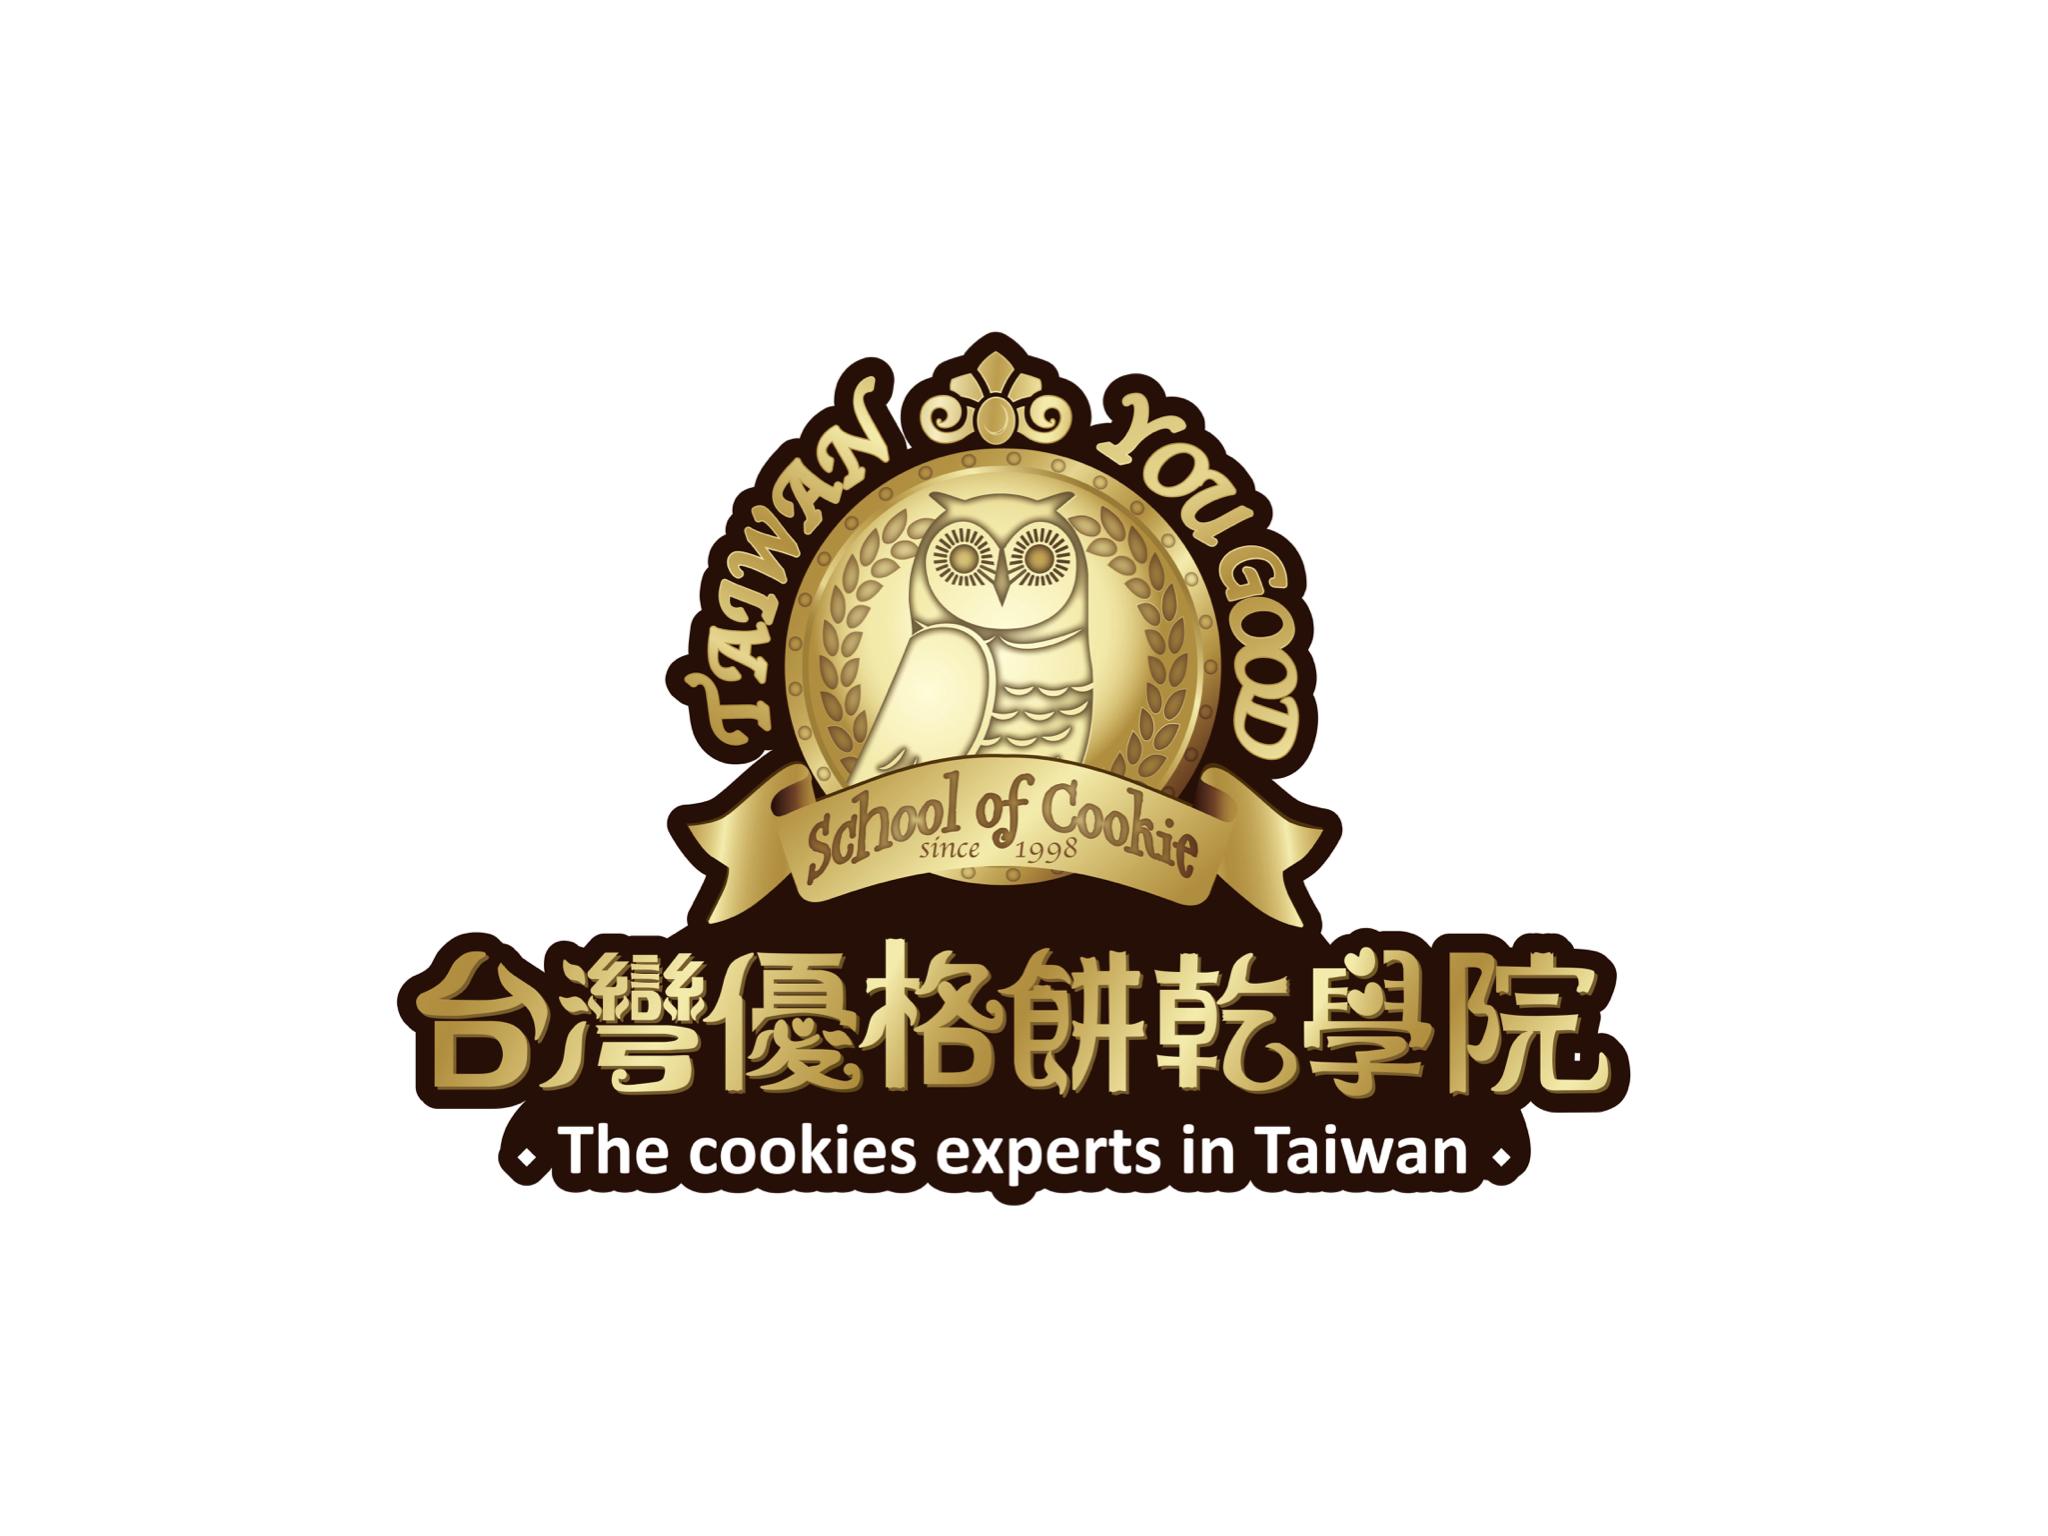 有一隻金色的貓頭鷹,下方有一排字:台灣優格餅乾學院